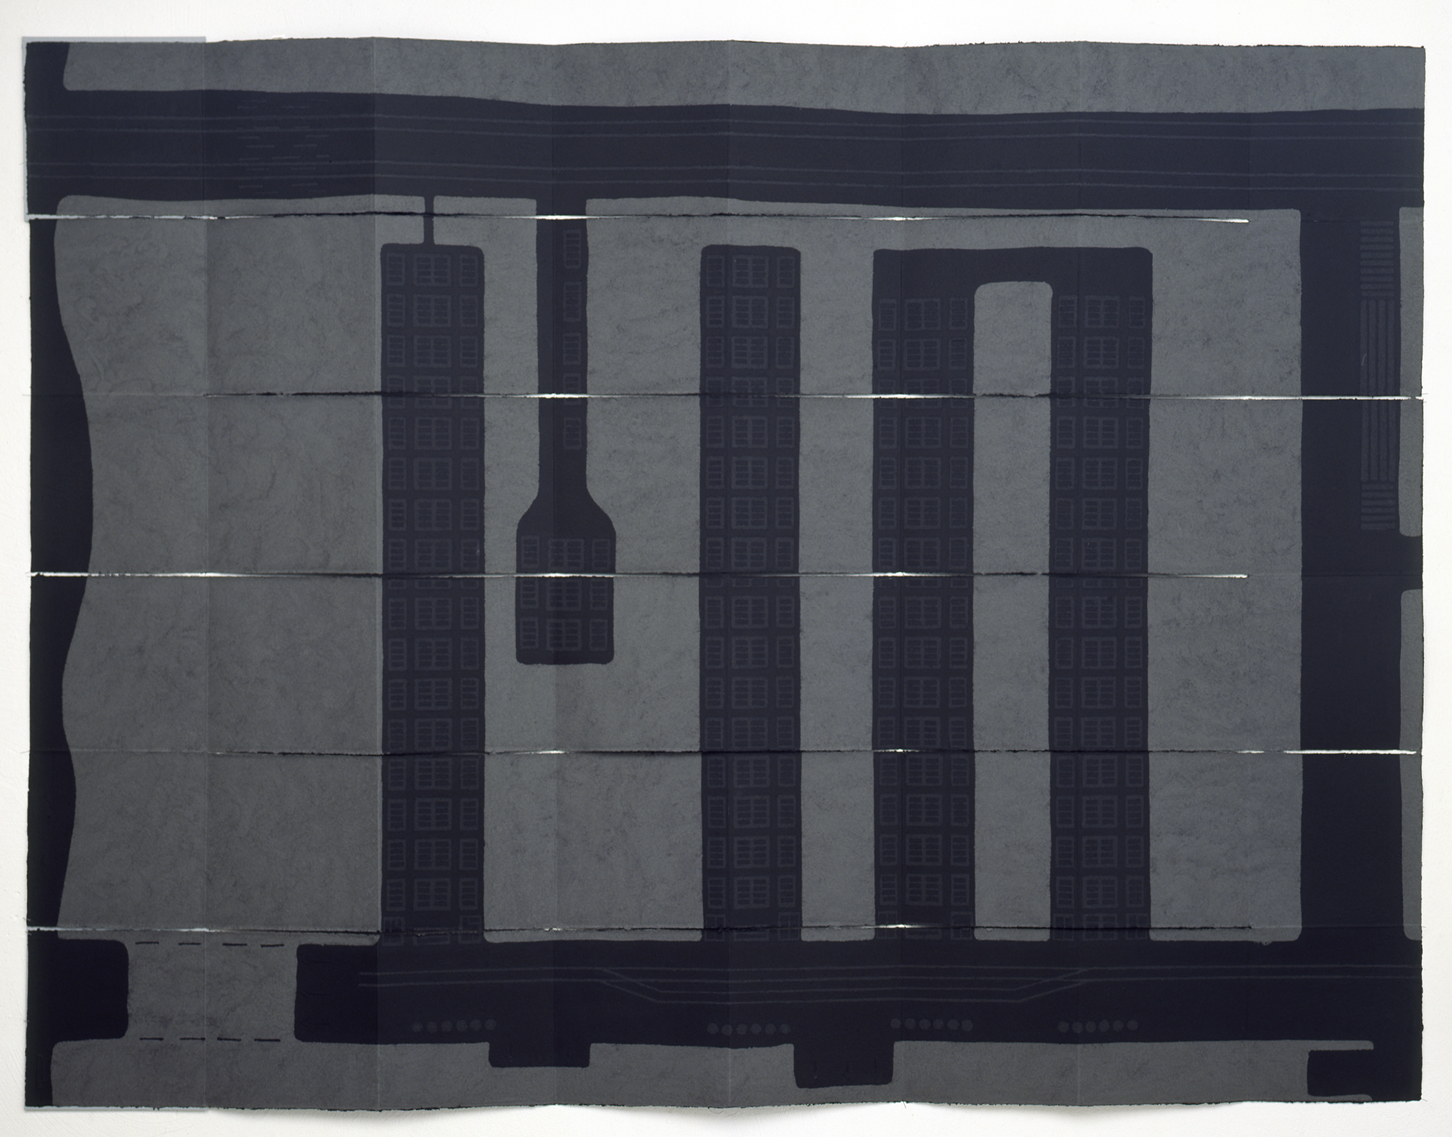 Buchprojekt kunst und projekte von ulrich wagnerkunst for Minimal art merkmale